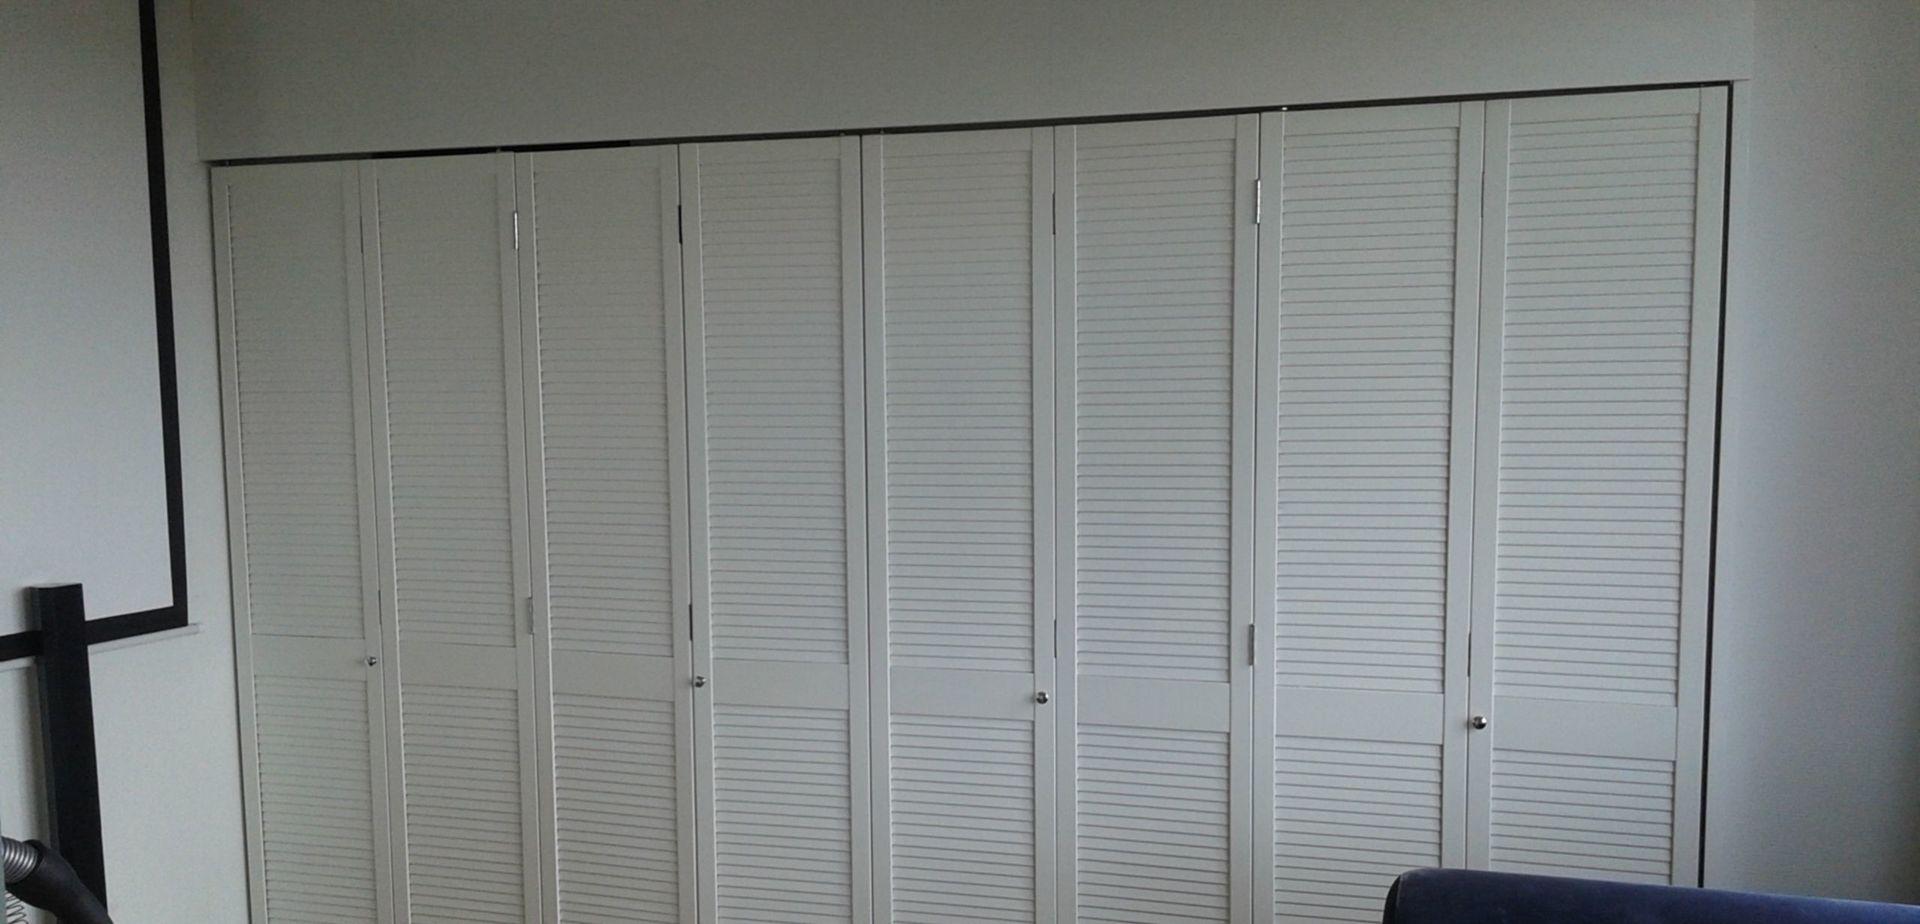 Nieuw inloopkast met louvre vouwdeuren | voordemakers.nl PB-26